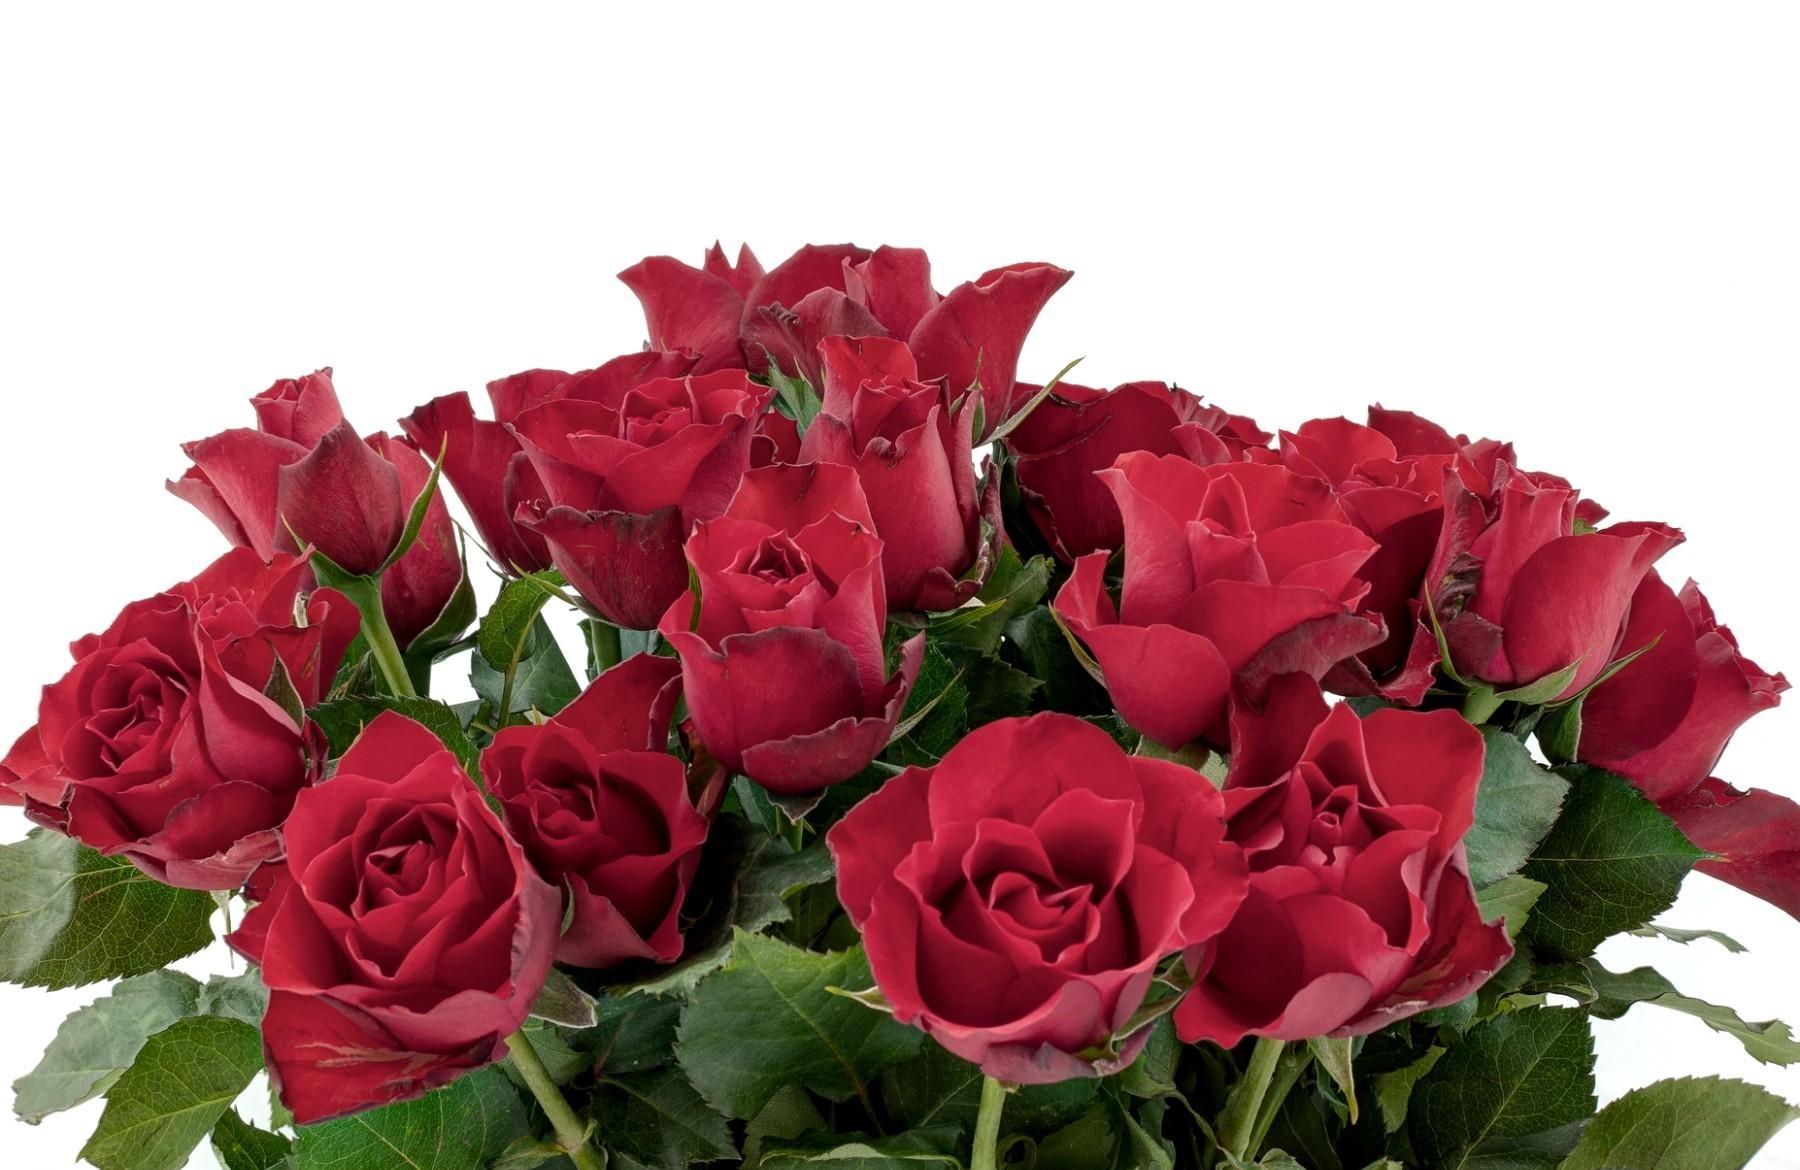 картинка шикарные розы на белом фоне прозрачном